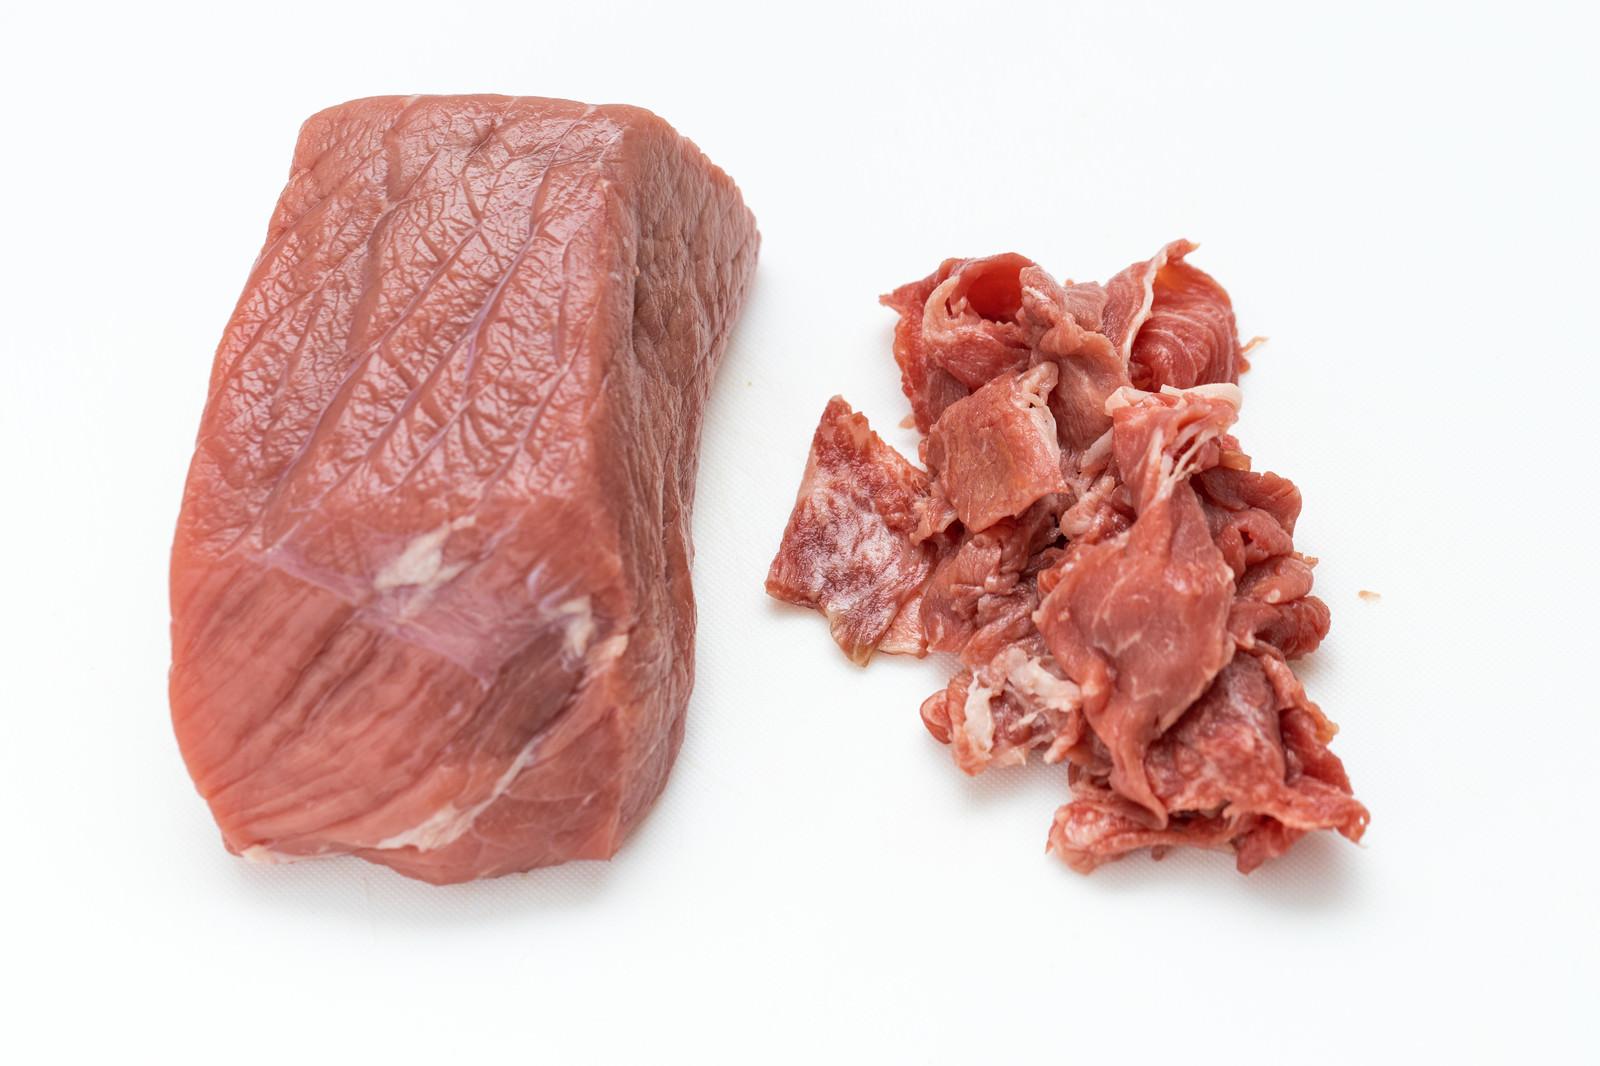 「いい肉の日だからブロック肉と細切れ肉を買いました」の写真